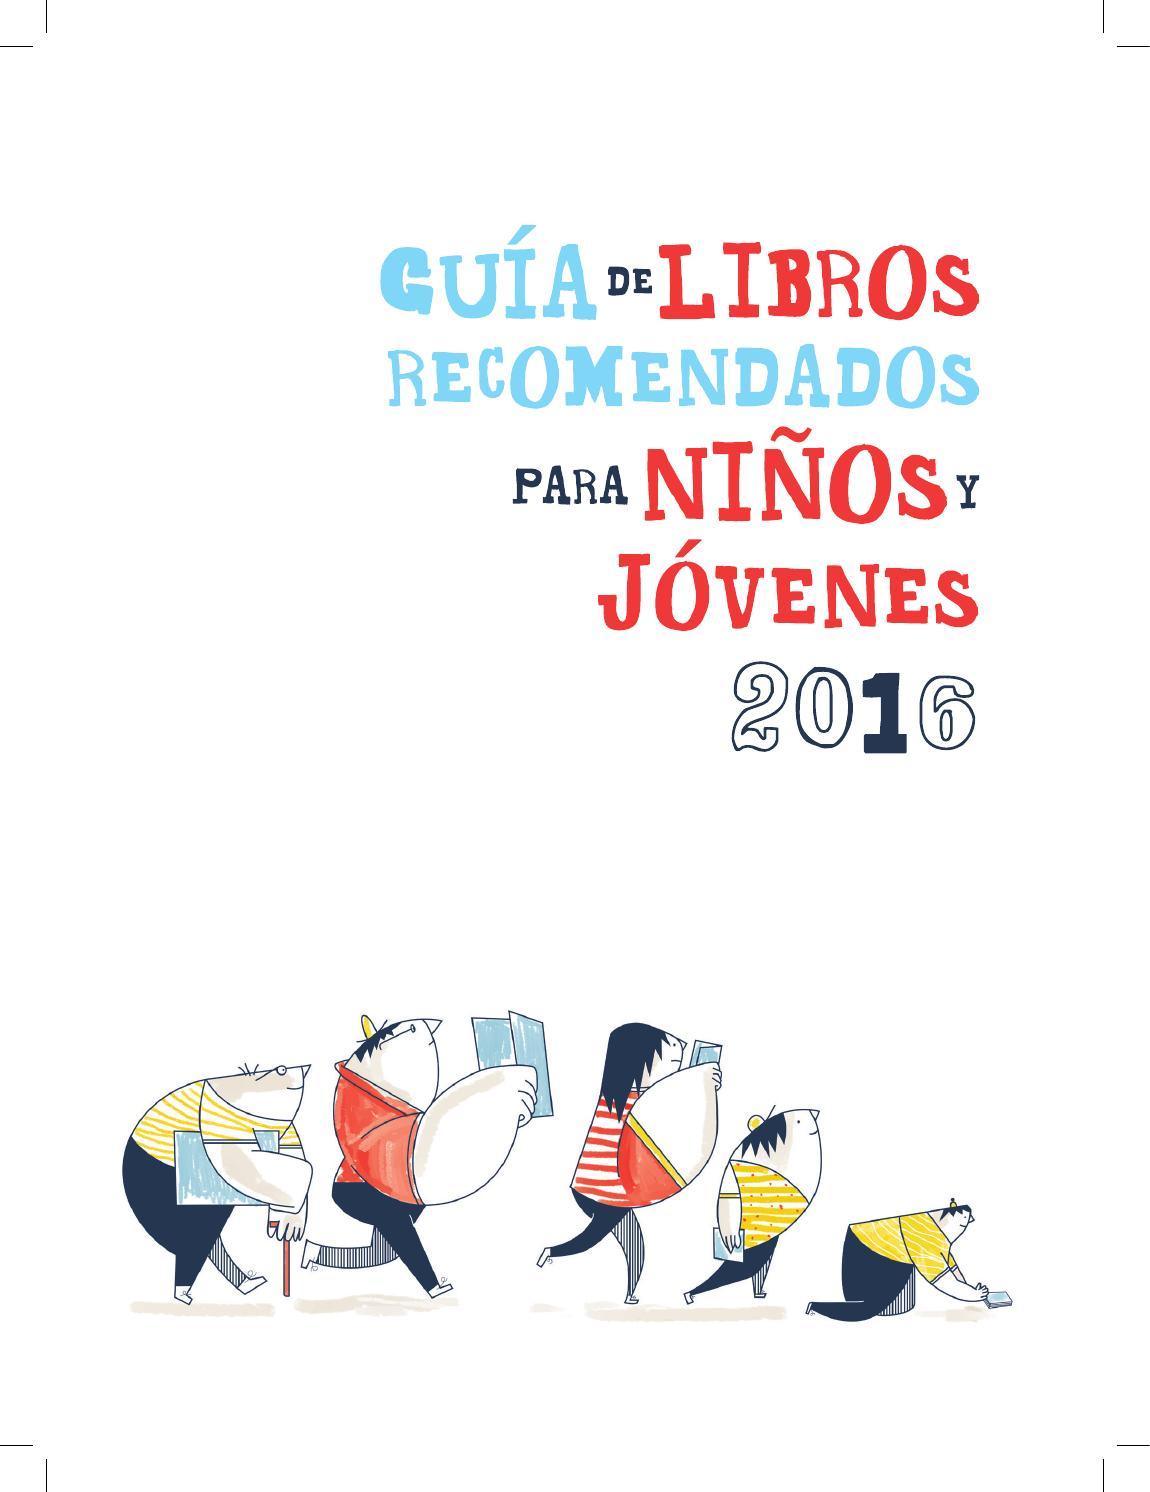 Guia 2016 by Biblioteca BS IBBY México - issuu 29fbec2d9e2